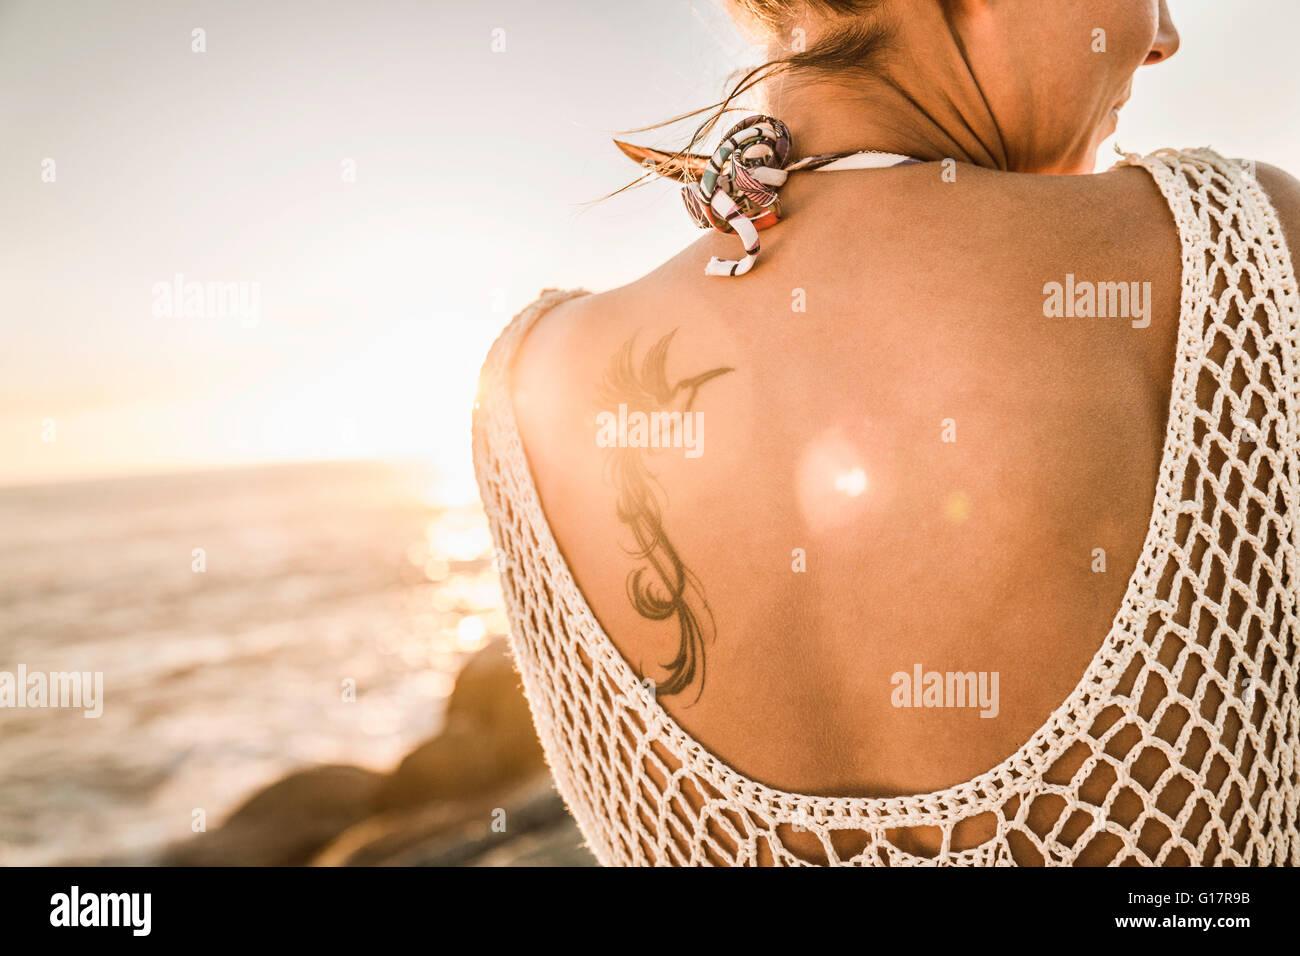 Rückansicht Der Vogel Tattoo Auf Womans Schulter Am Strand Bei